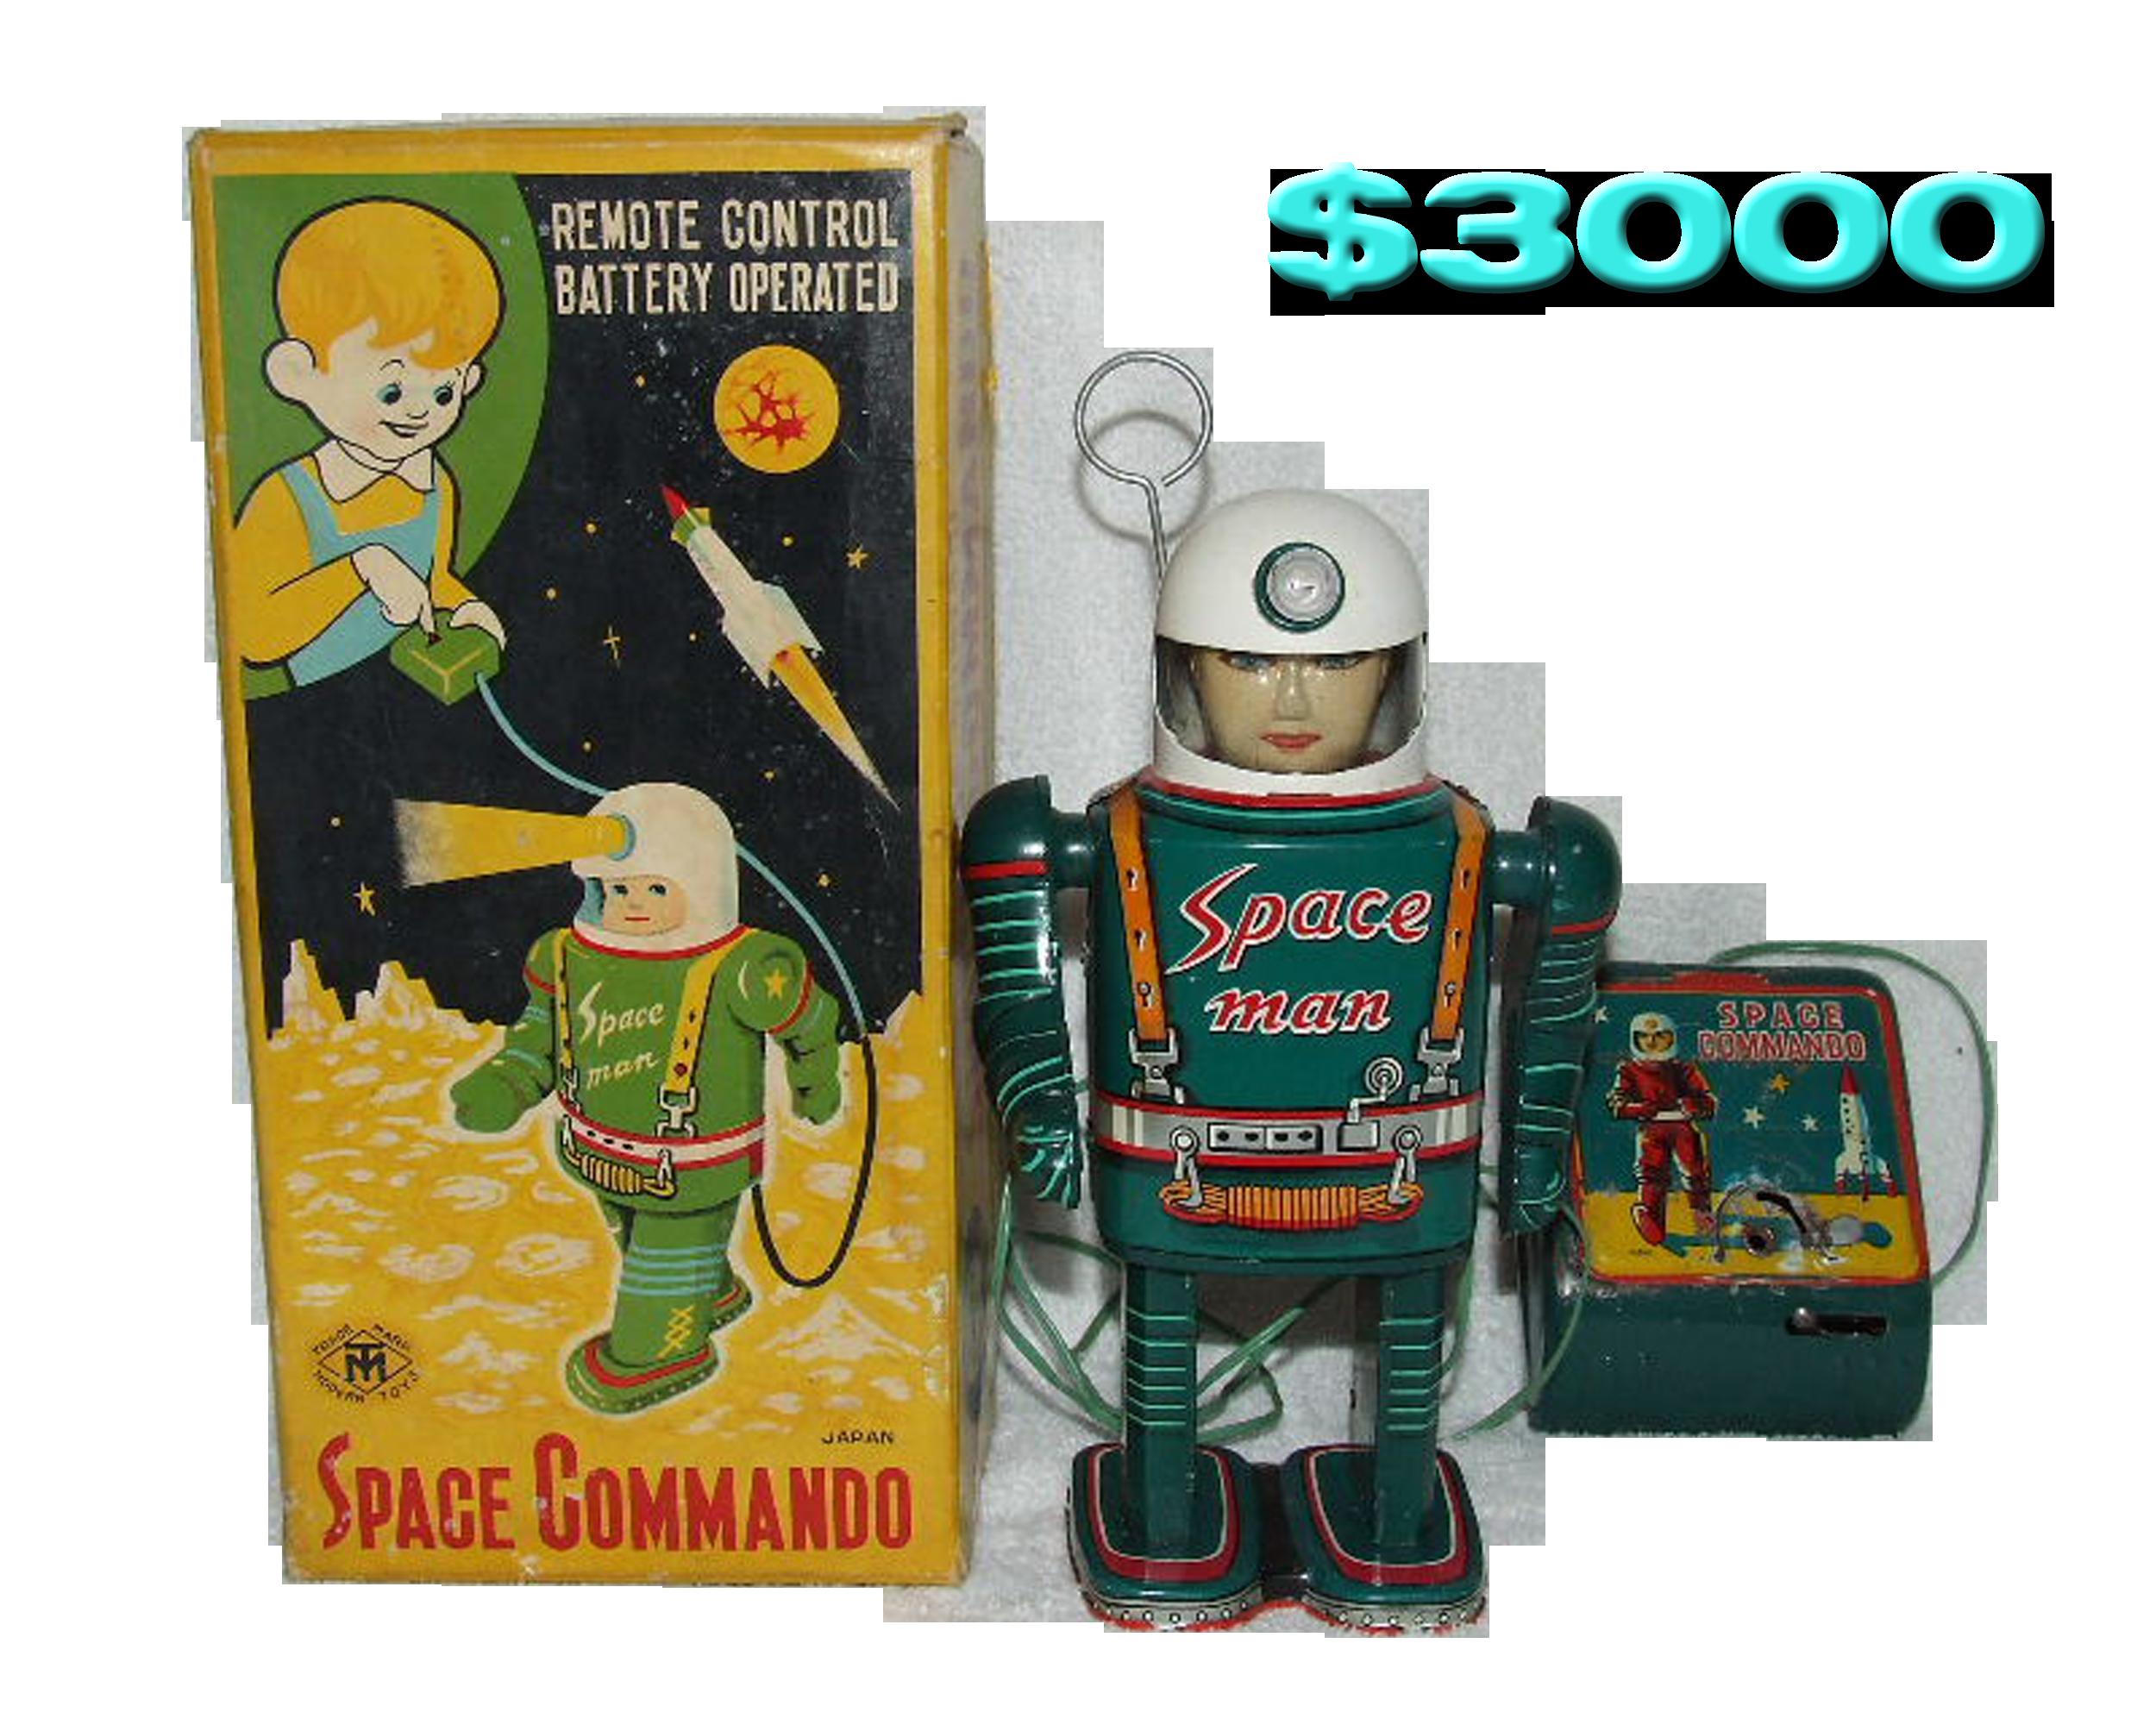 Masudaya Space Man Robot Toy